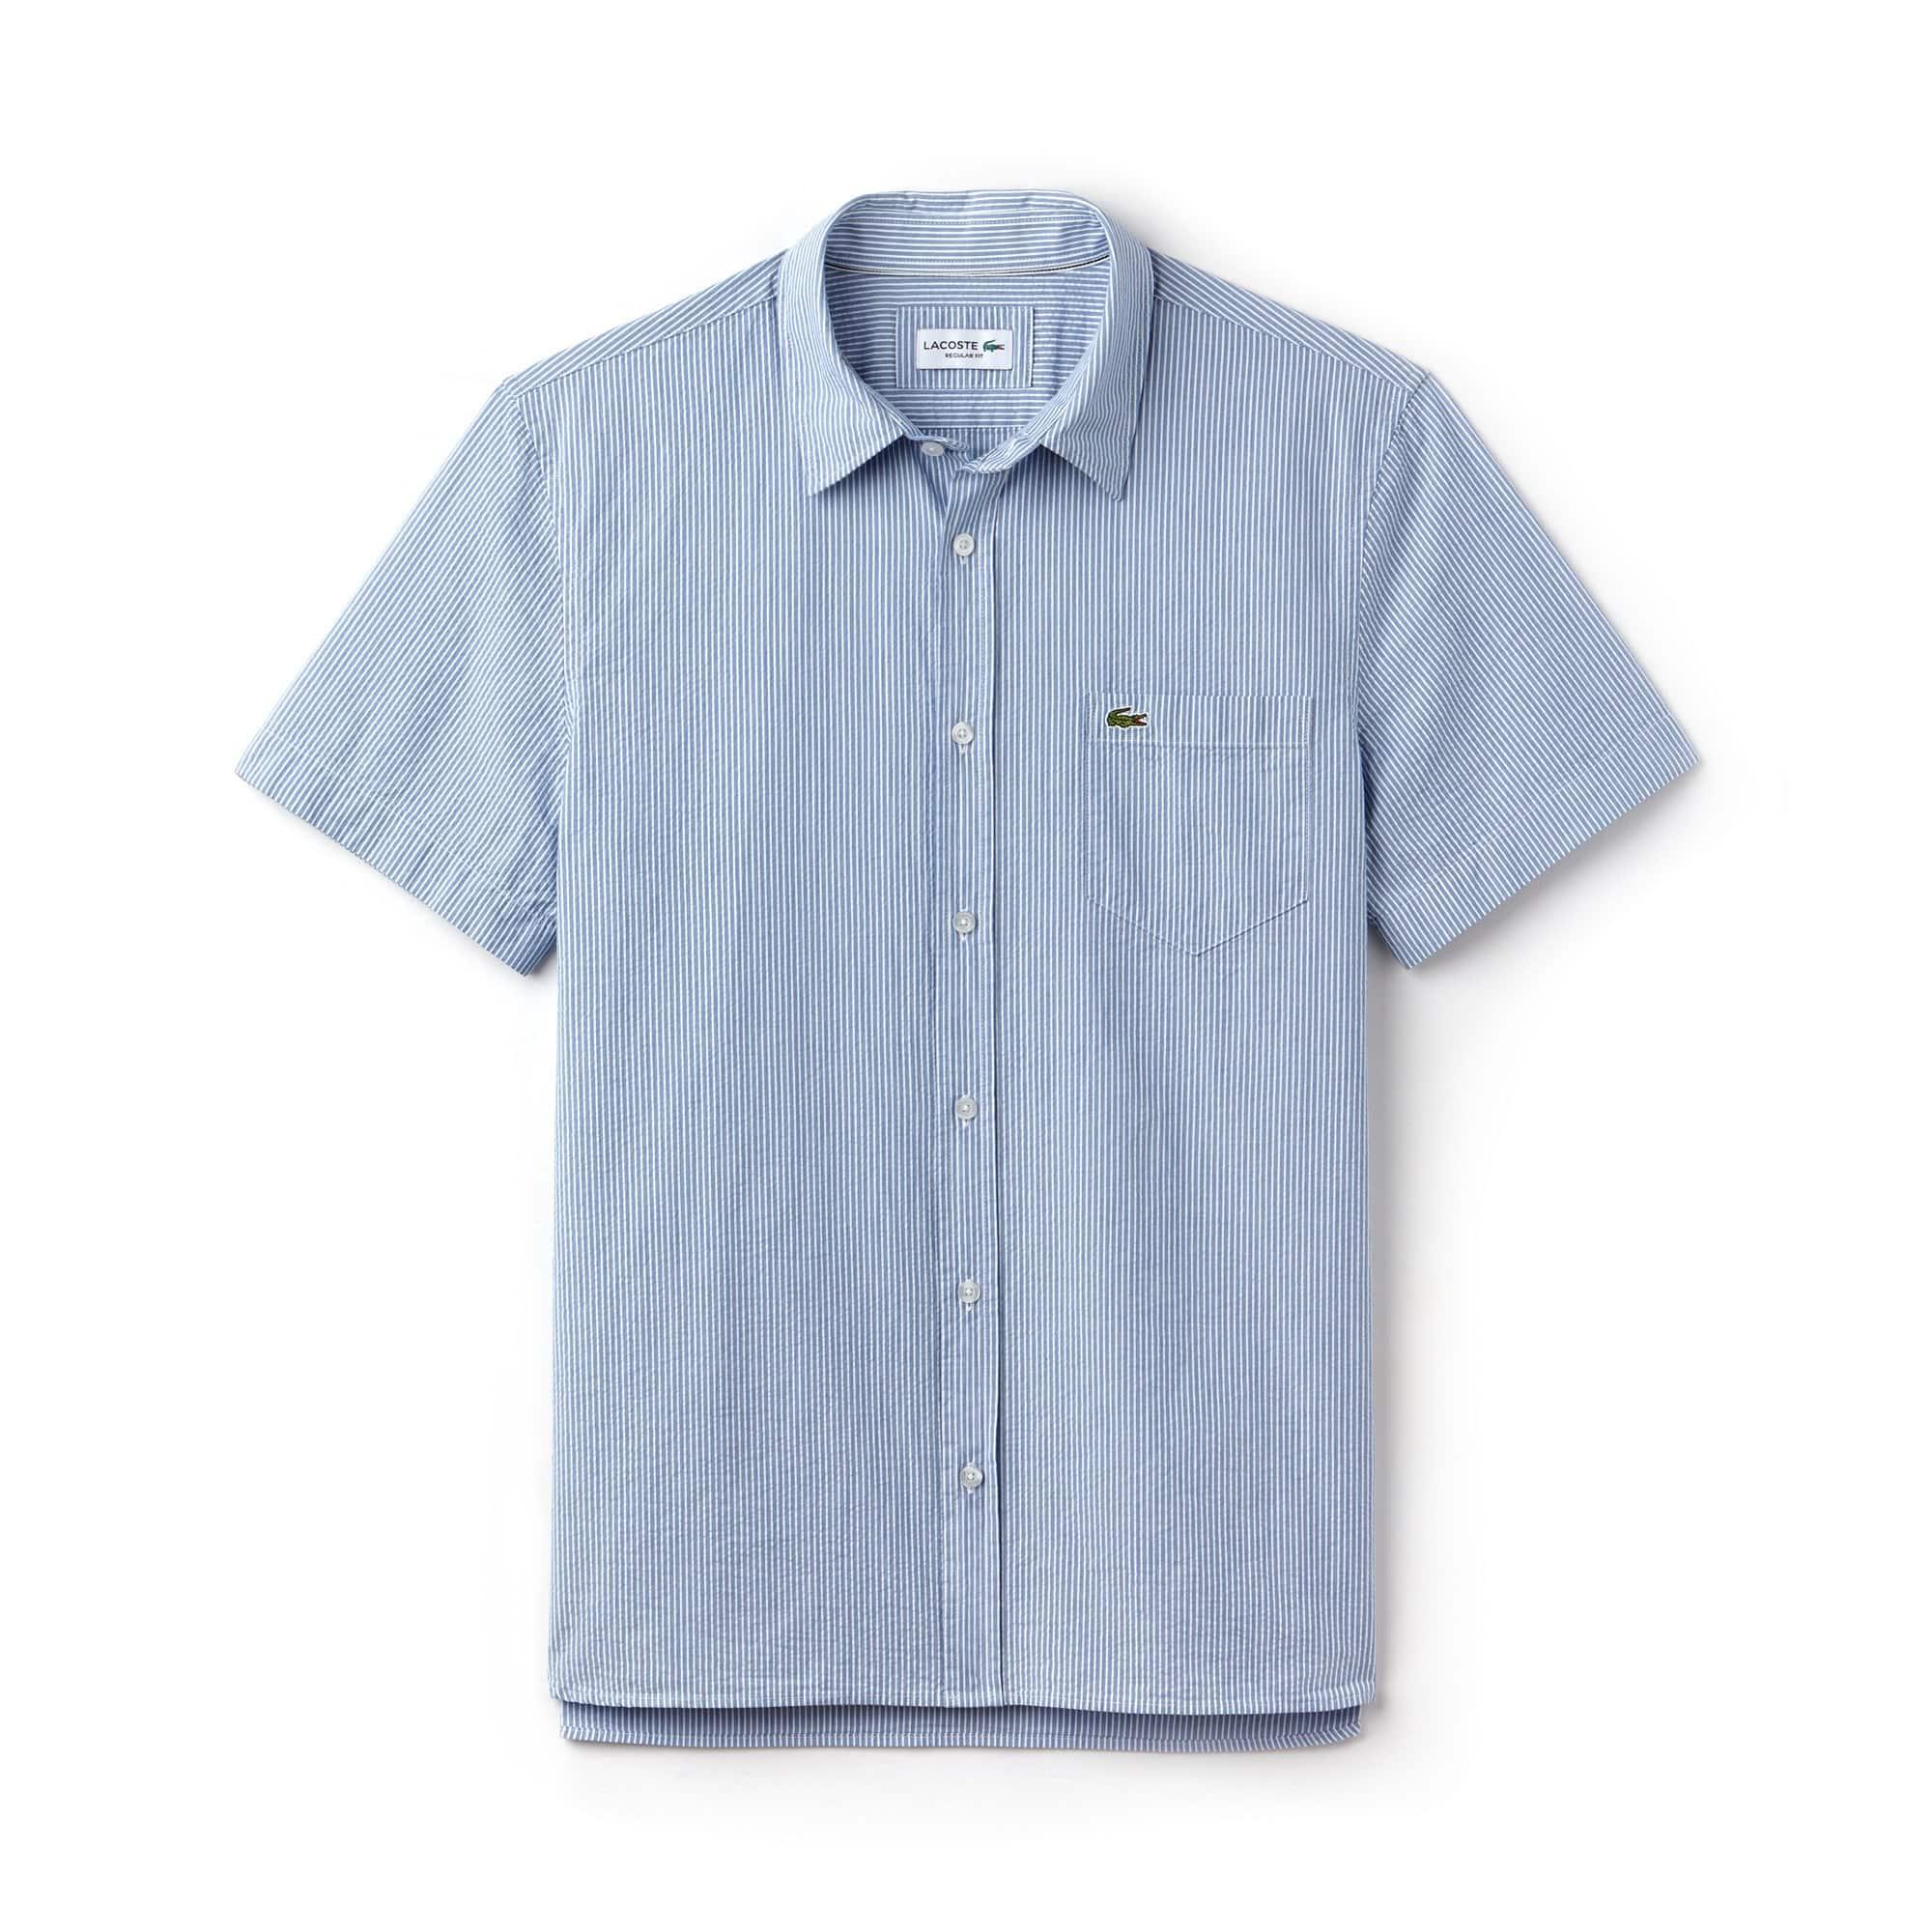 Herren Regular Fit gestreiftes Seersucker Hemd